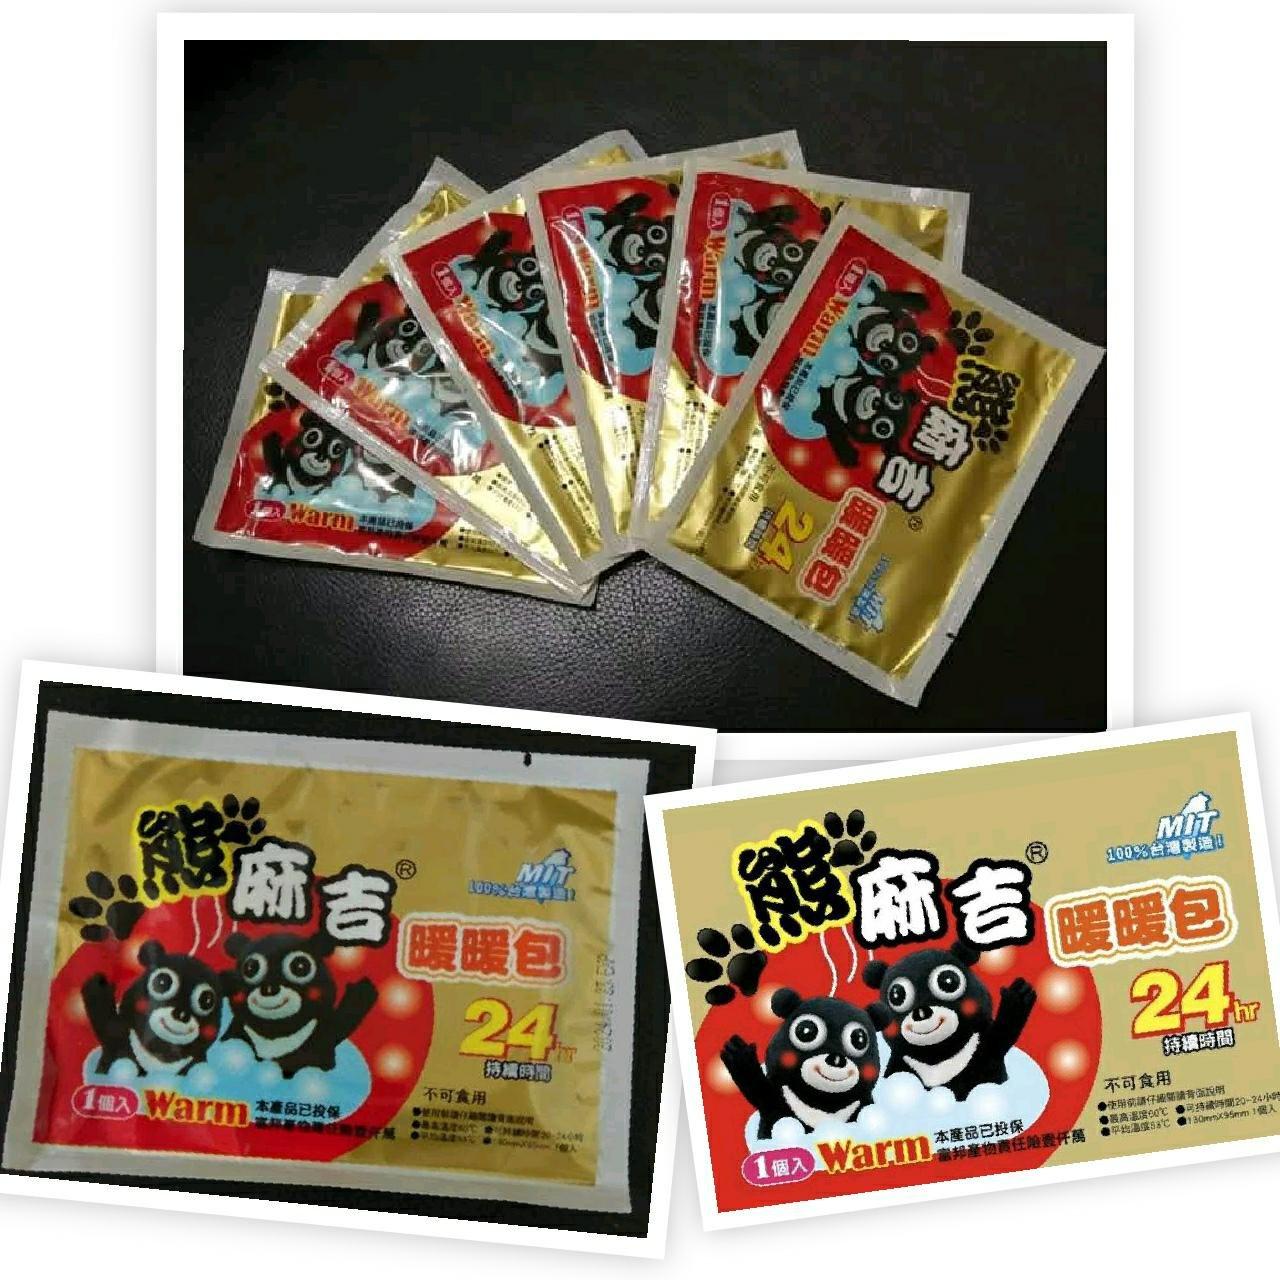 【現貨】熊麻吉 24小時暖暖包 10入/袋 台灣製造(超取單筆最多8包內)